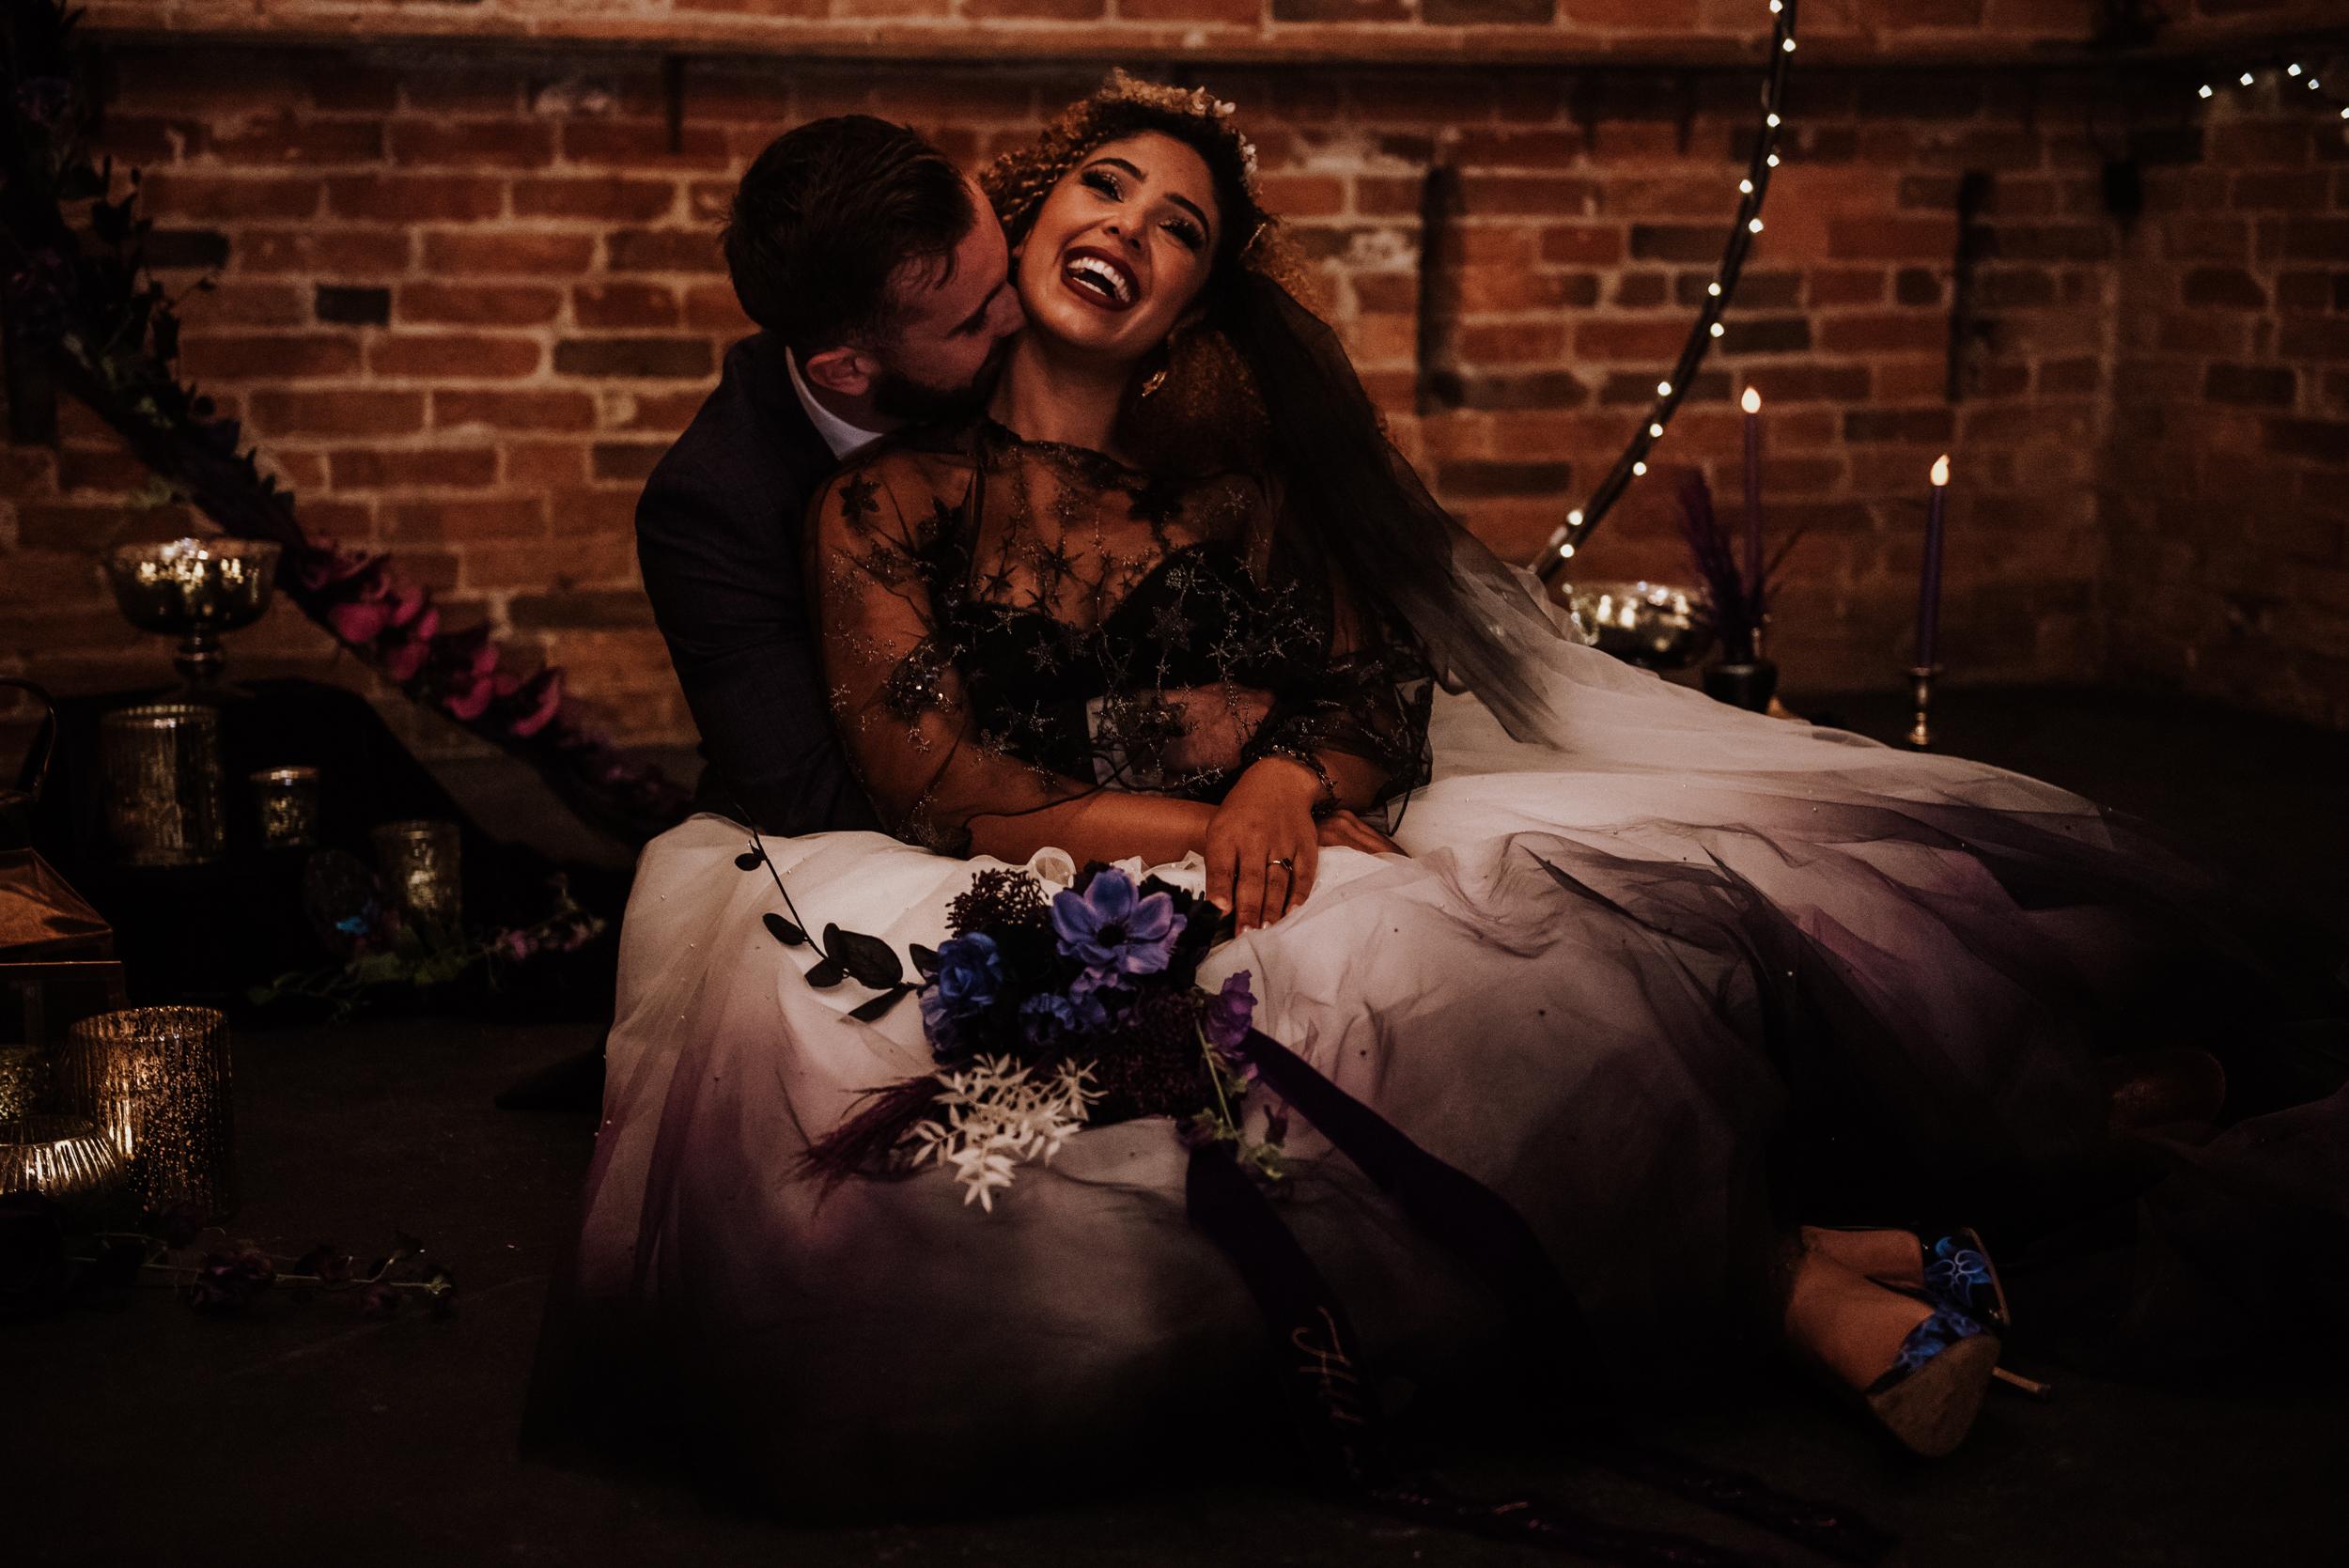 luxury galaxy wedding - alternative wedding dress - bespoke wedding dress - ombre wedding dress - gothic wedding dress - purple wedding flowers